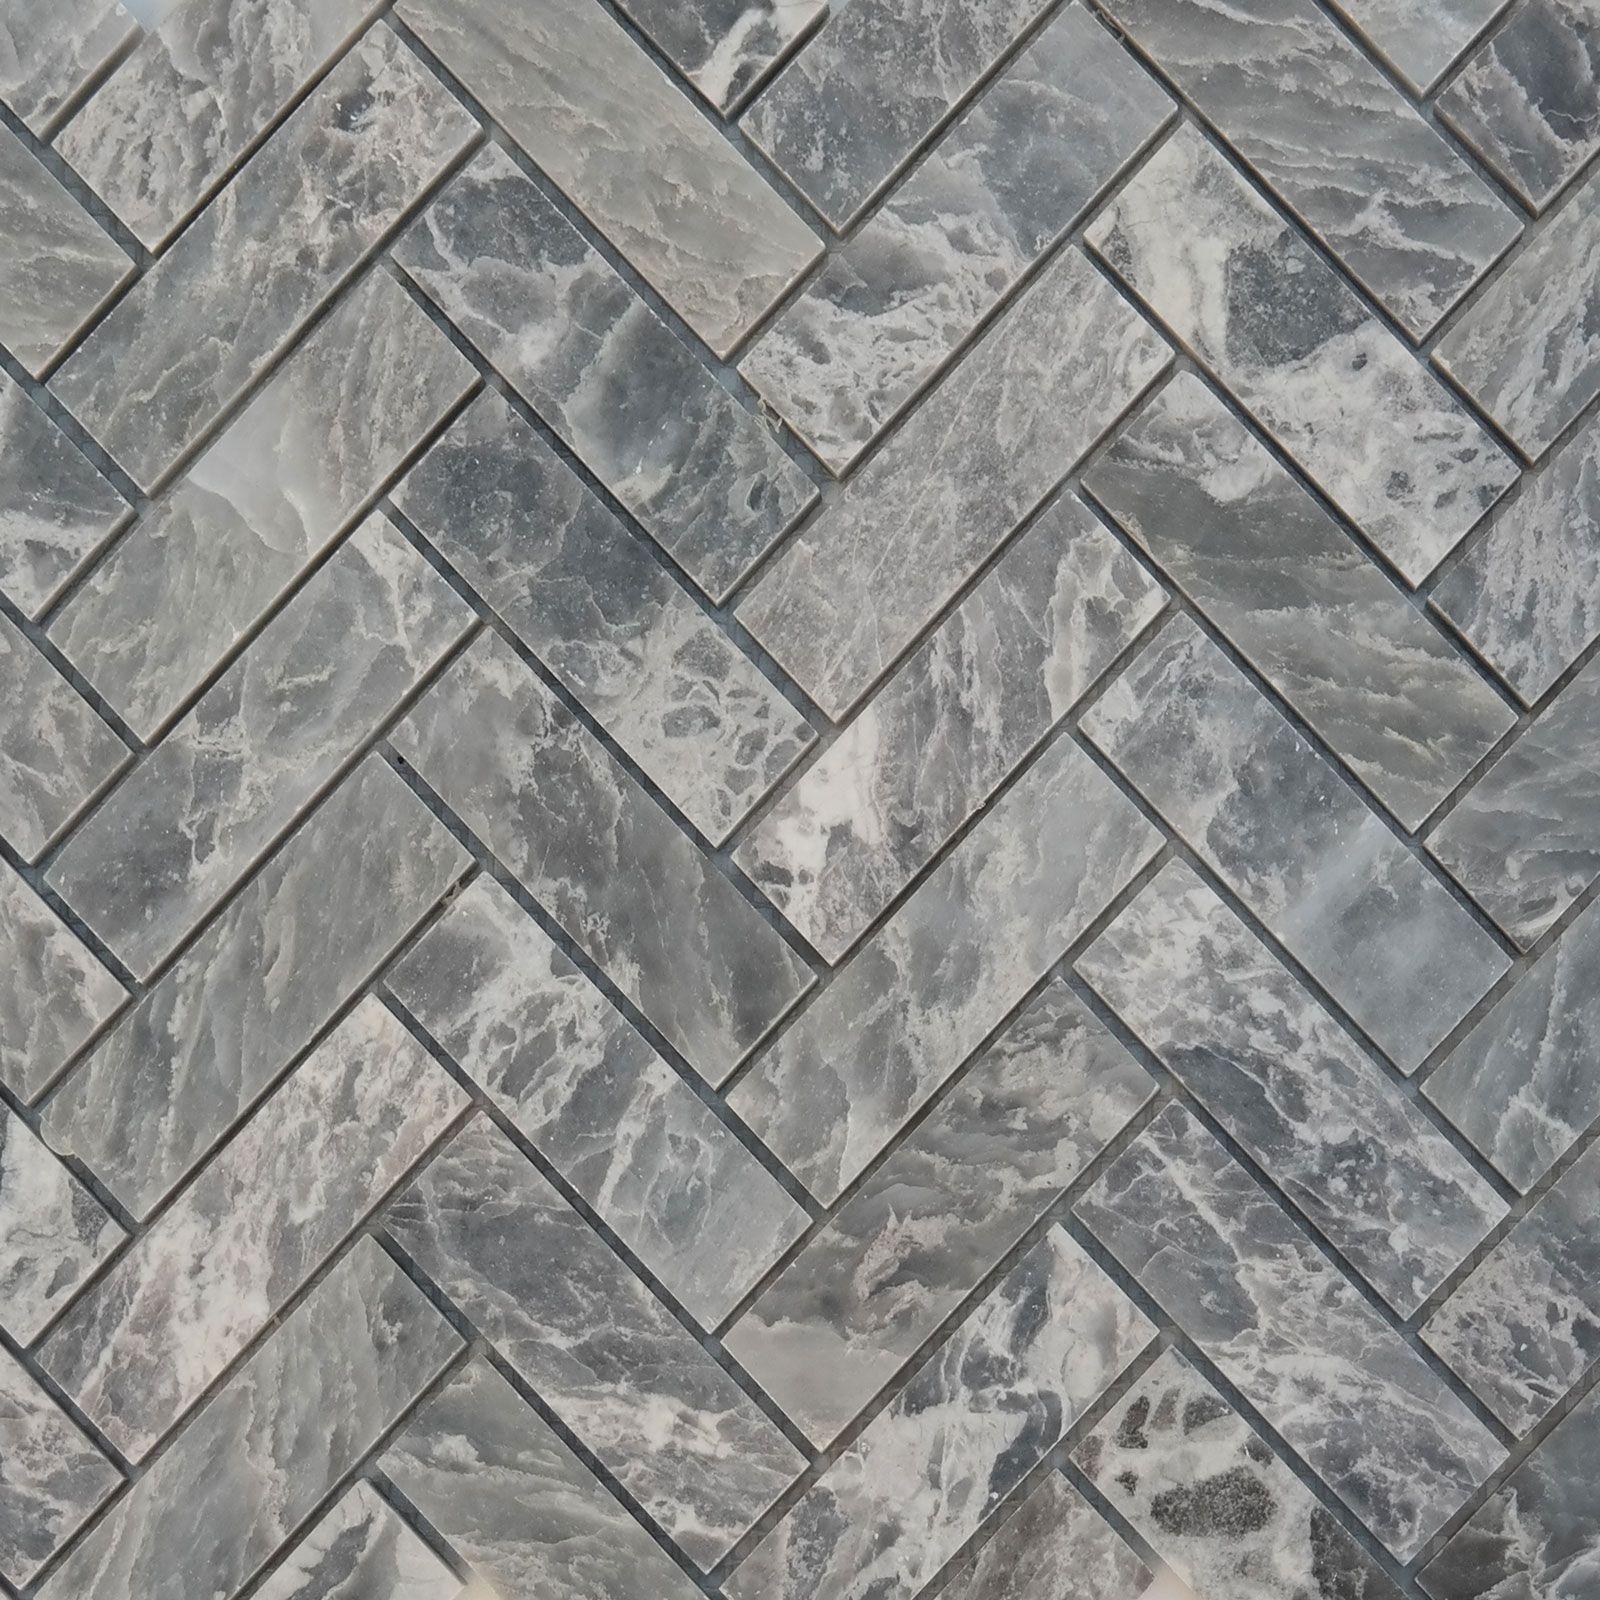 Herringbone Mosaic Tile White Grey Marble Polished Herringbone Mosaic Tile Marble Polishing Tile Floor